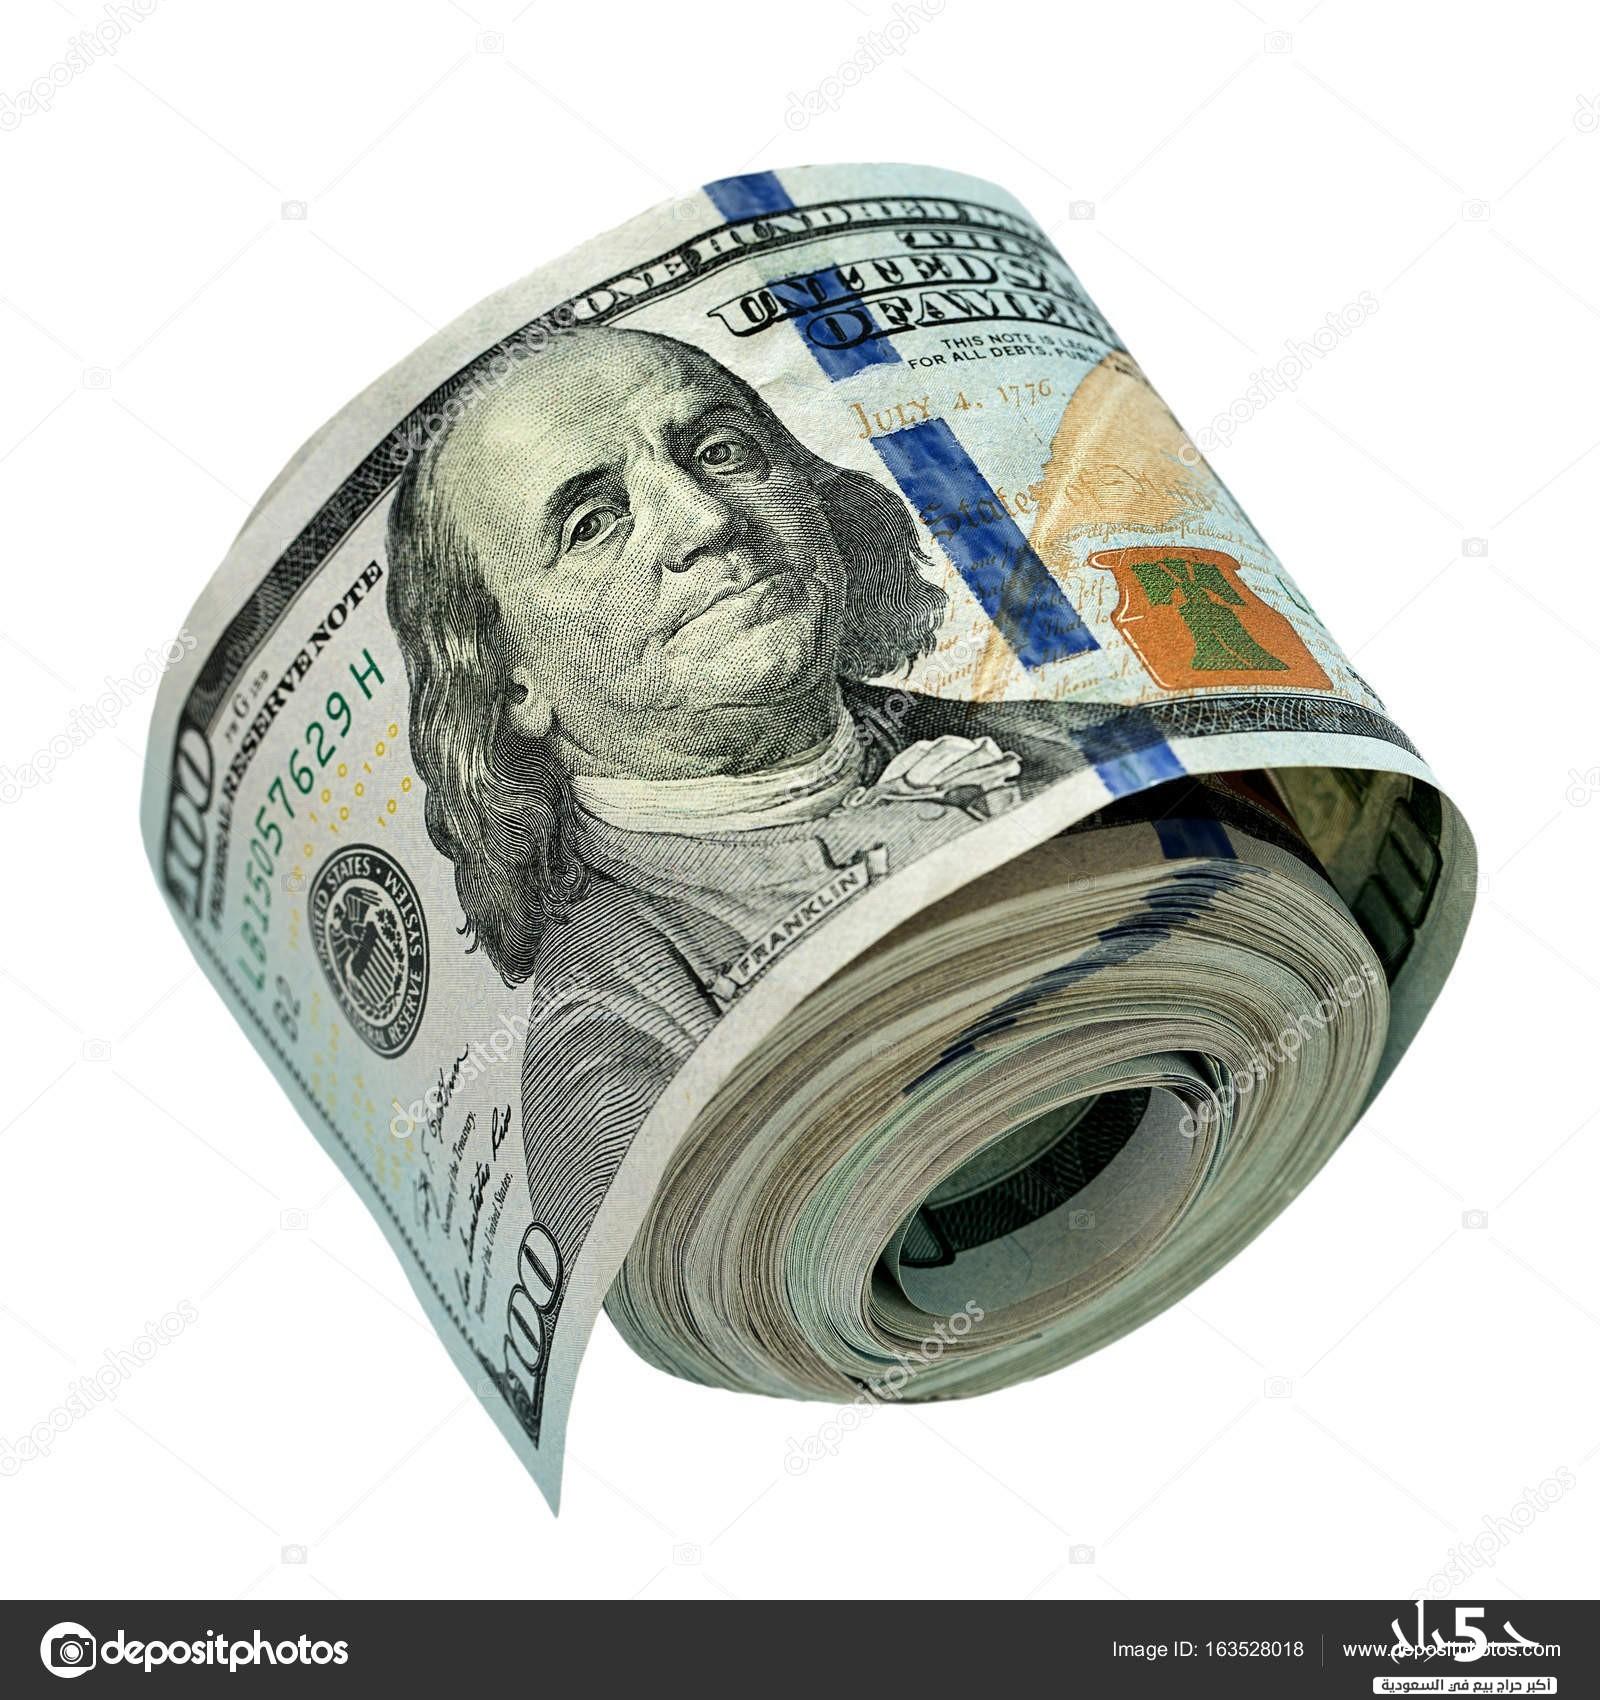 تحتاج إلى قرض بنسبة 2٪ لتسديد فواتيرك أو بدء نشاط تجاري